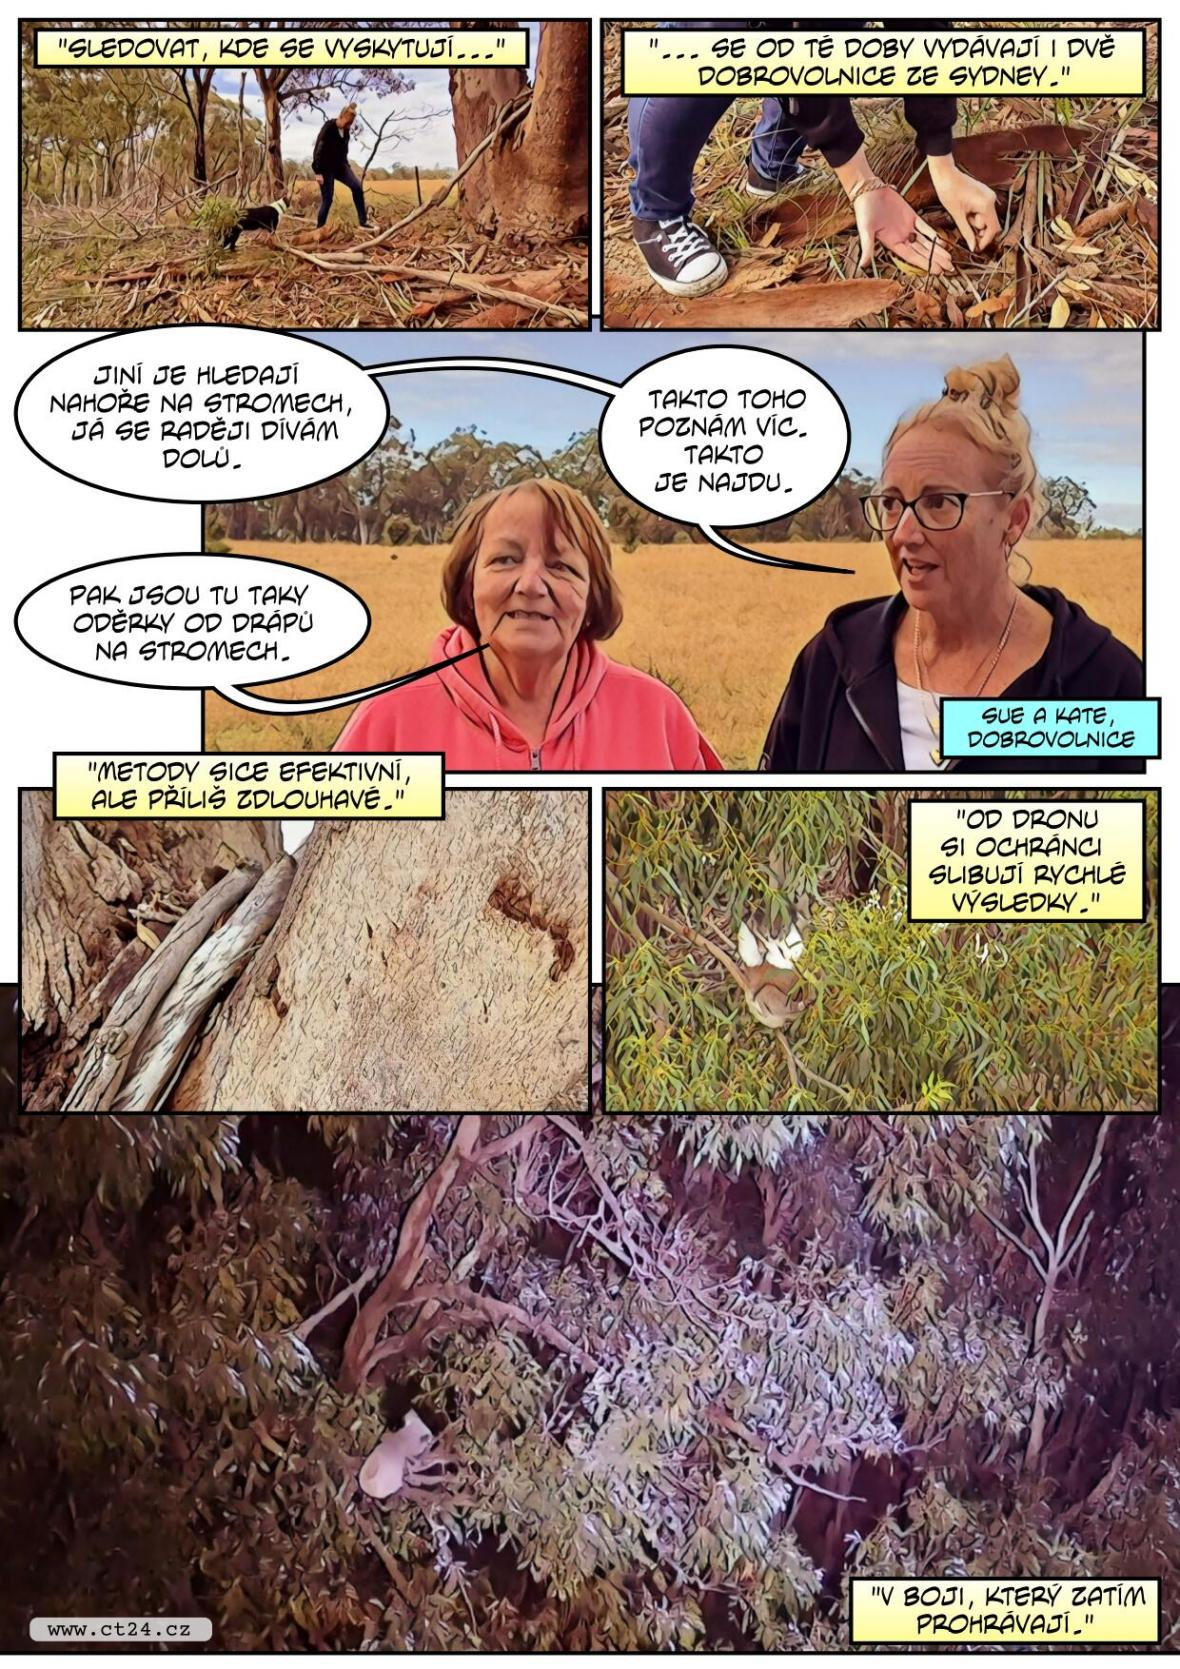 V Austrálii pomáhají se záchranou vymírající populace koalů drony s termovizí